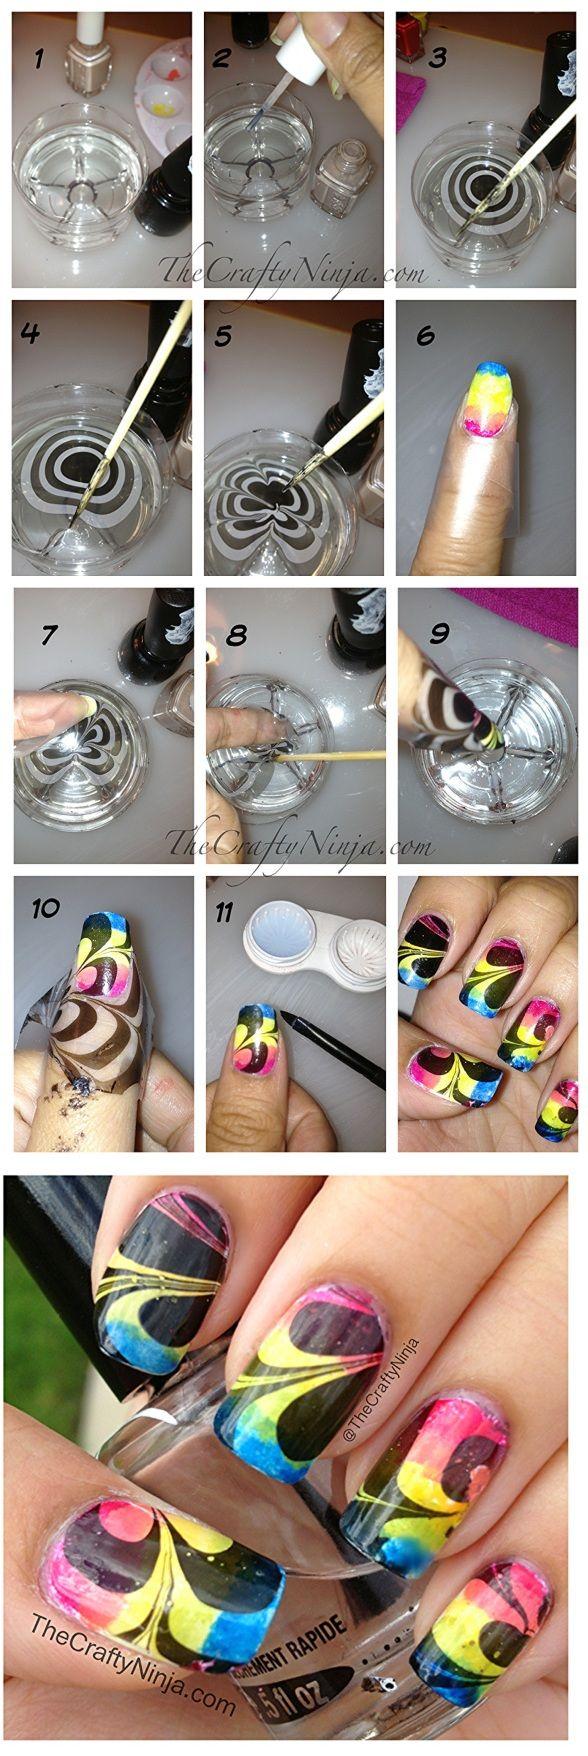 131 besten Nail art Bilder auf Pinterest   Nagelkunst, Nageldesign ...